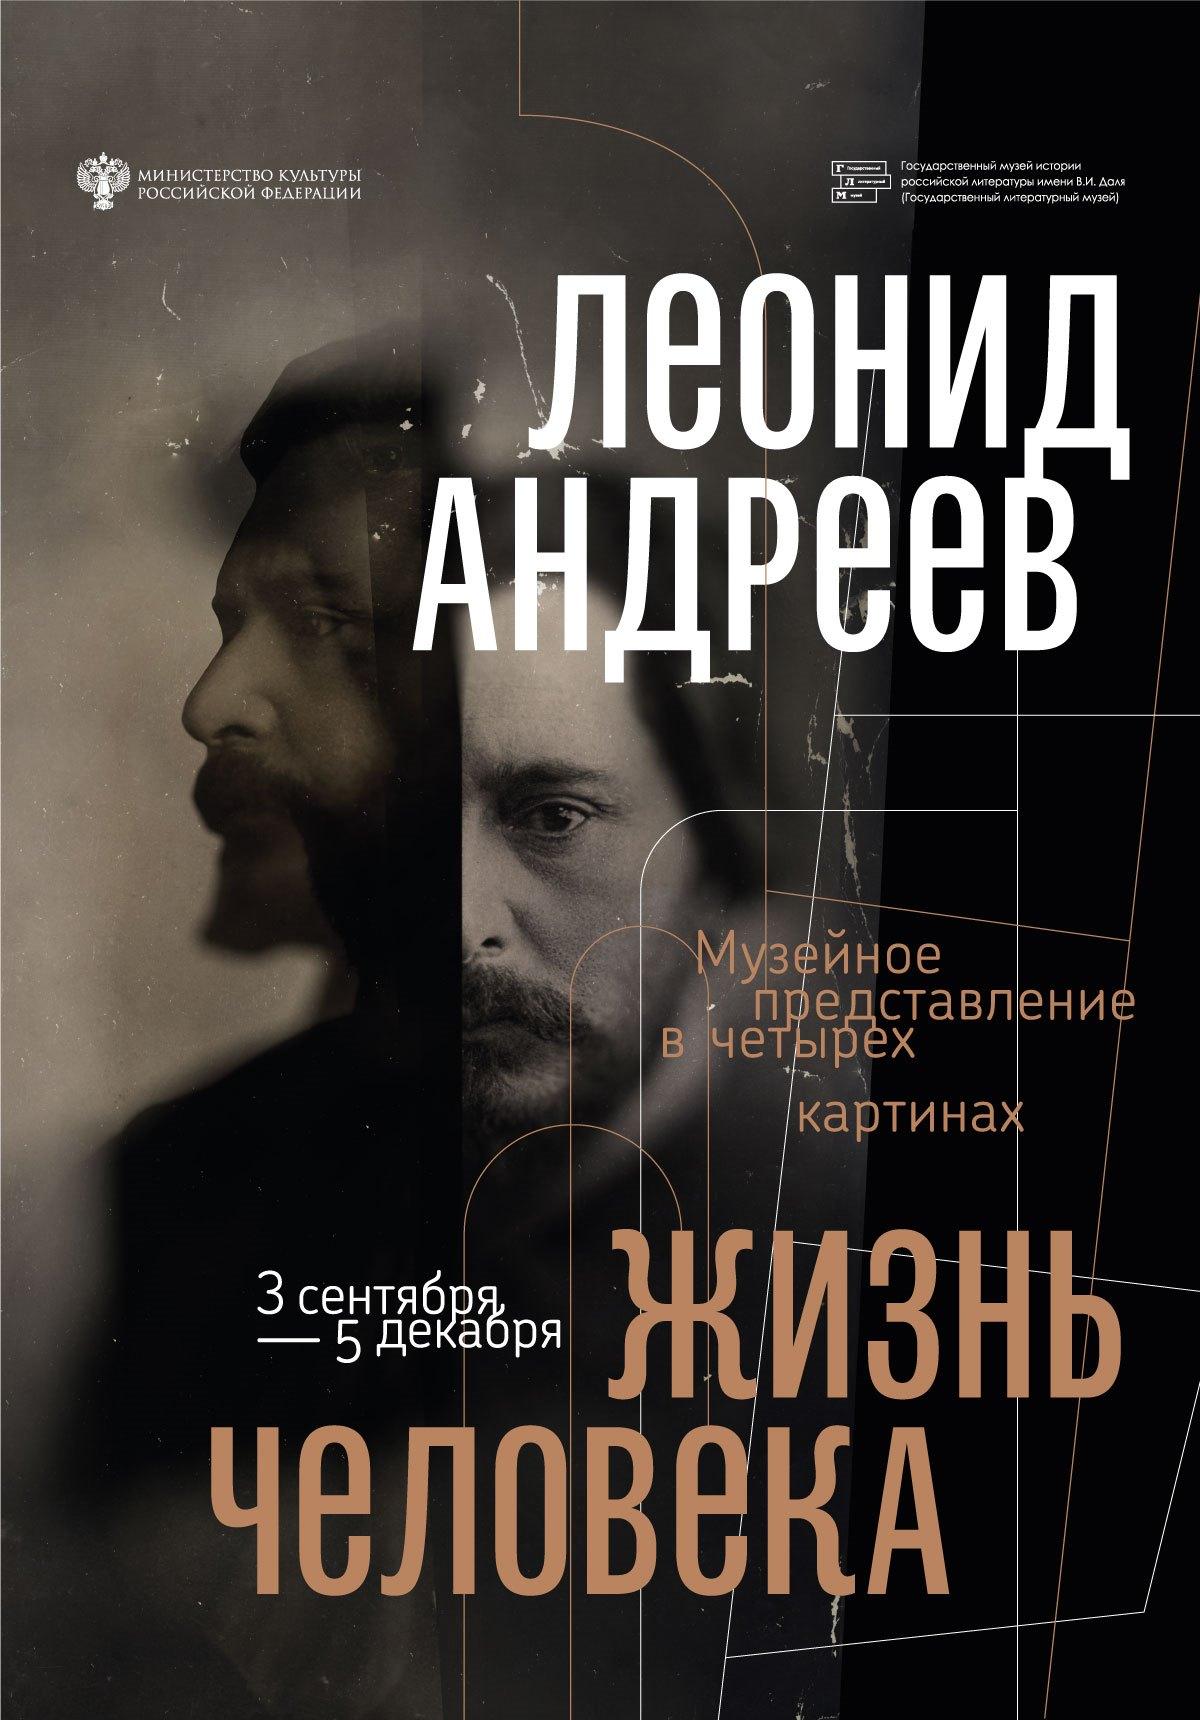 В Москве откроется выставка к 150-летию со дня рождения писателя Л. Н. Андреева